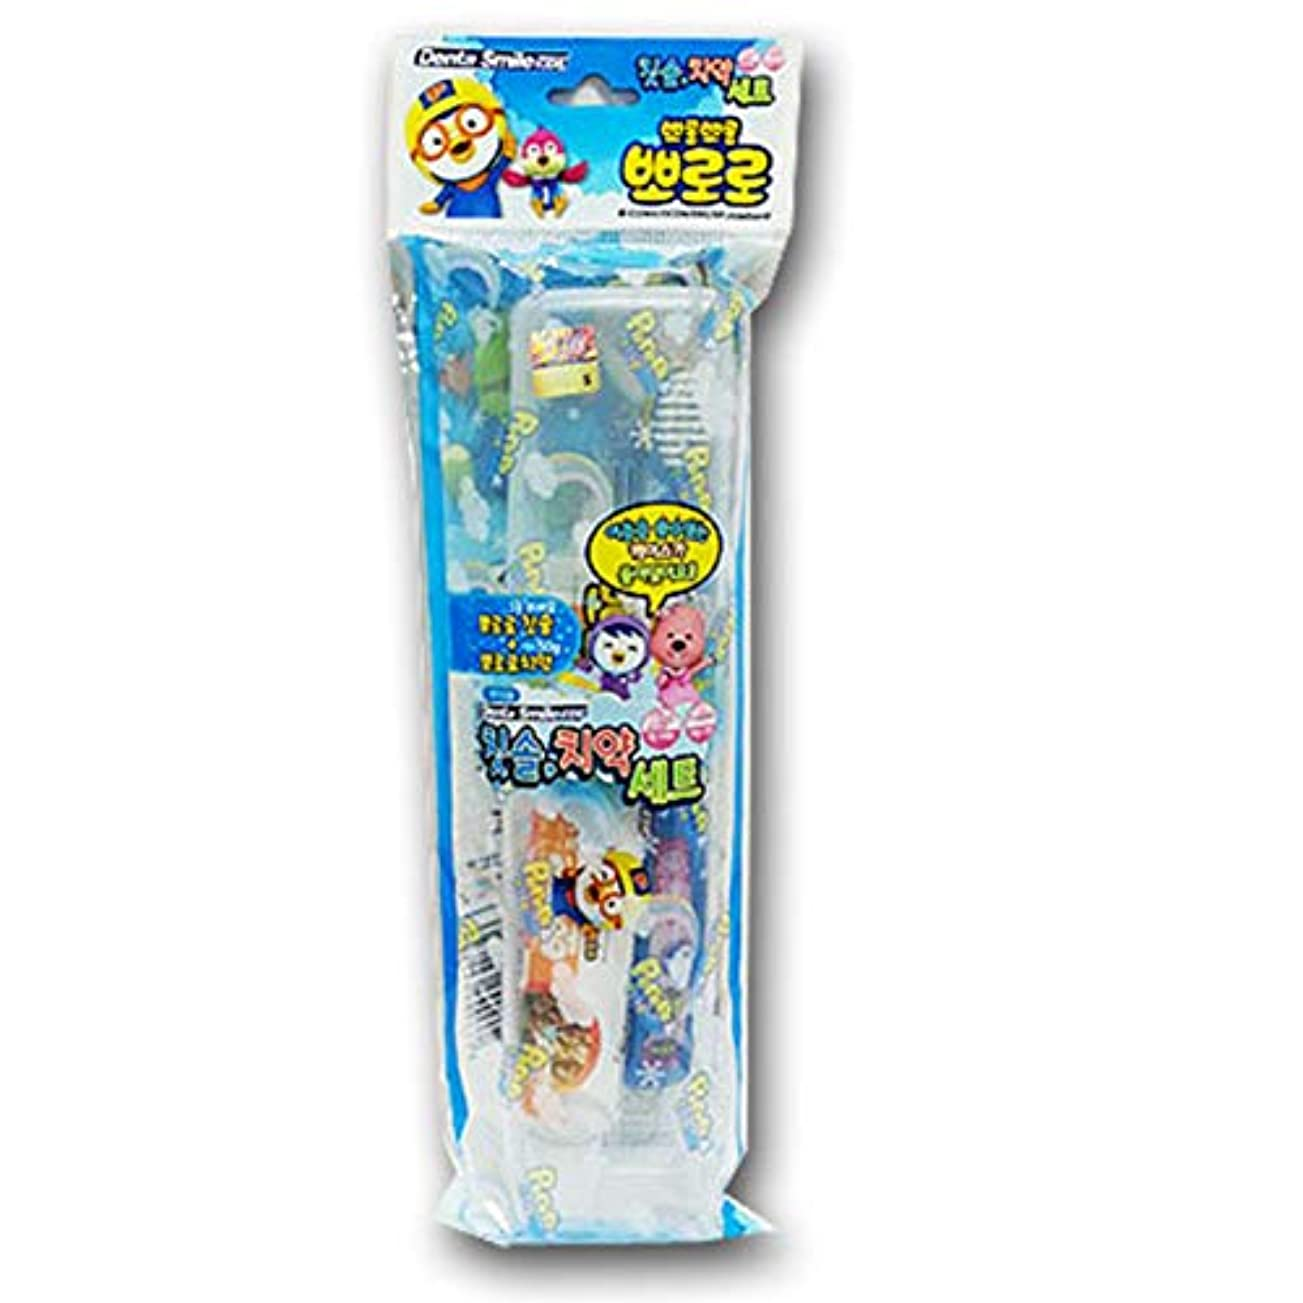 追跡簡潔な湿気の多いPororo&Friendsポータブル歯磨き粉歯ブラシセットパイナップル香50g.